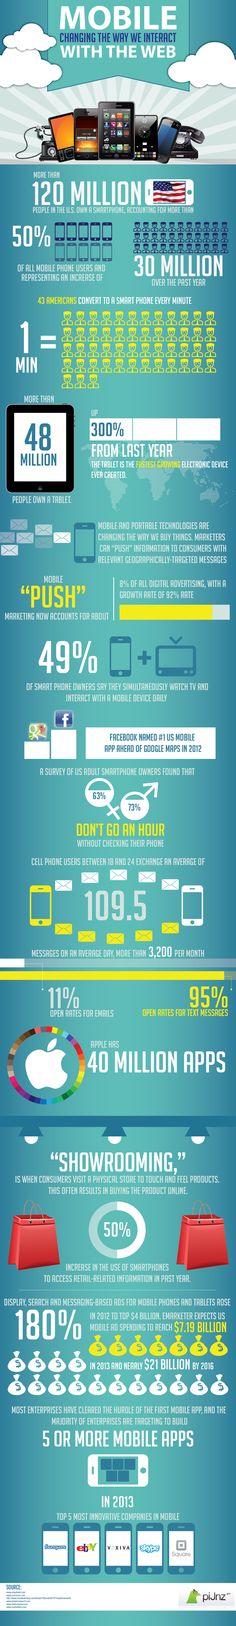 Los móviles cambia la forma de interactuar con la web #infografia #infographic #internet